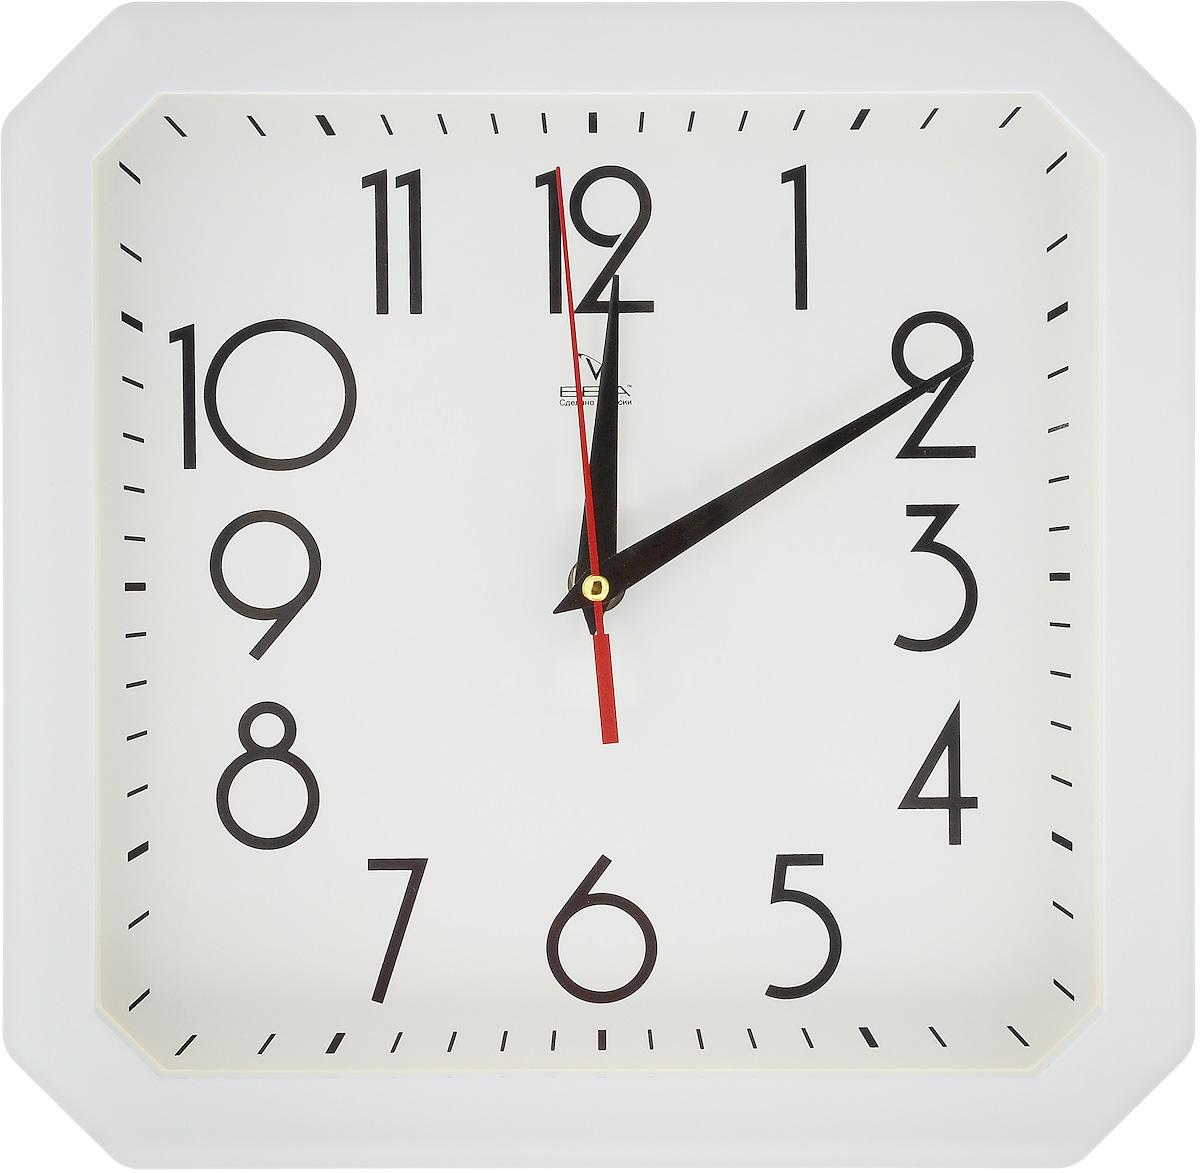 Часы настенные Вега Классика, цвет: белый, 28 х 28 смП1-6/6-45Настенные кварцевые часы Вега Классика, изготовленные из пластика, прекрасно впишутся в интерьер вашего дома. Часы имеют три стрелки: часовую, минутную и секундную, циферблат защищен прозрачным стеклом. Часы работают от 1 батарейки типа АА напряжением 1,5 В (не входит в комплект).Размер часов: 28 х 28 х 4 см.